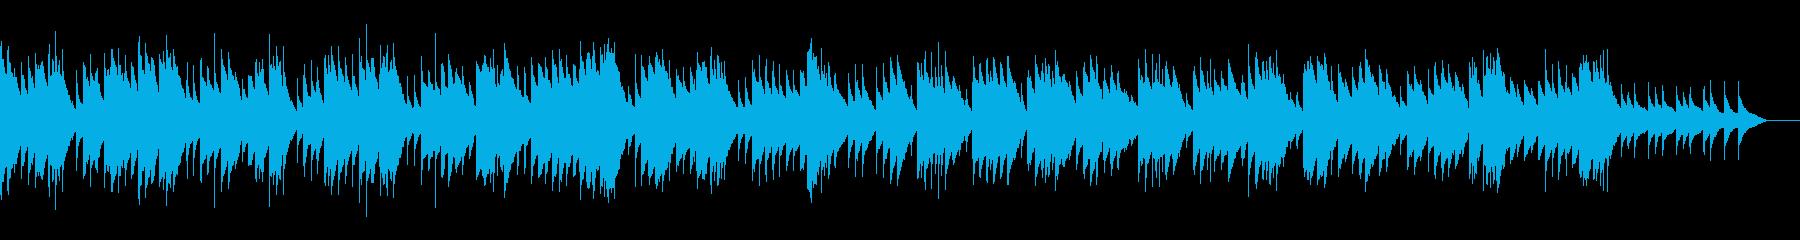 ボロディン ダッタン人の踊り オルゴールの再生済みの波形